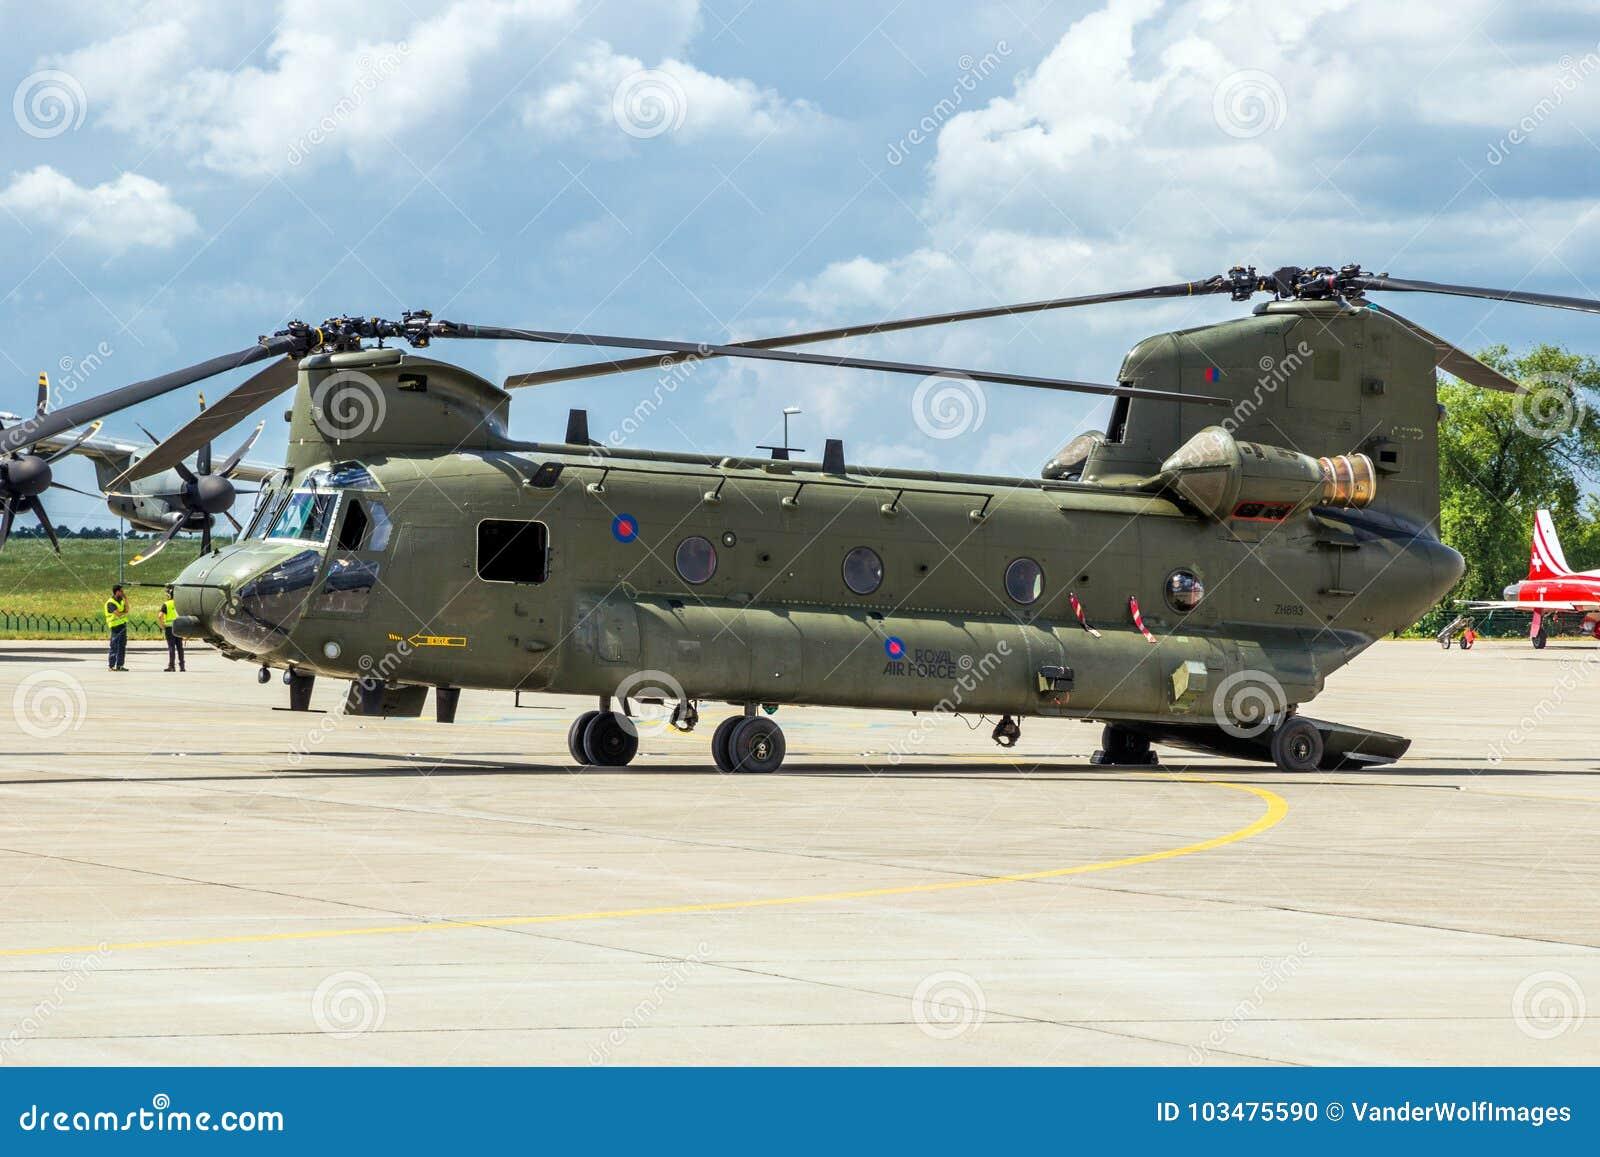 Elicottero Ch : Elicottero merci di boeing ch chinook immagine editoriale